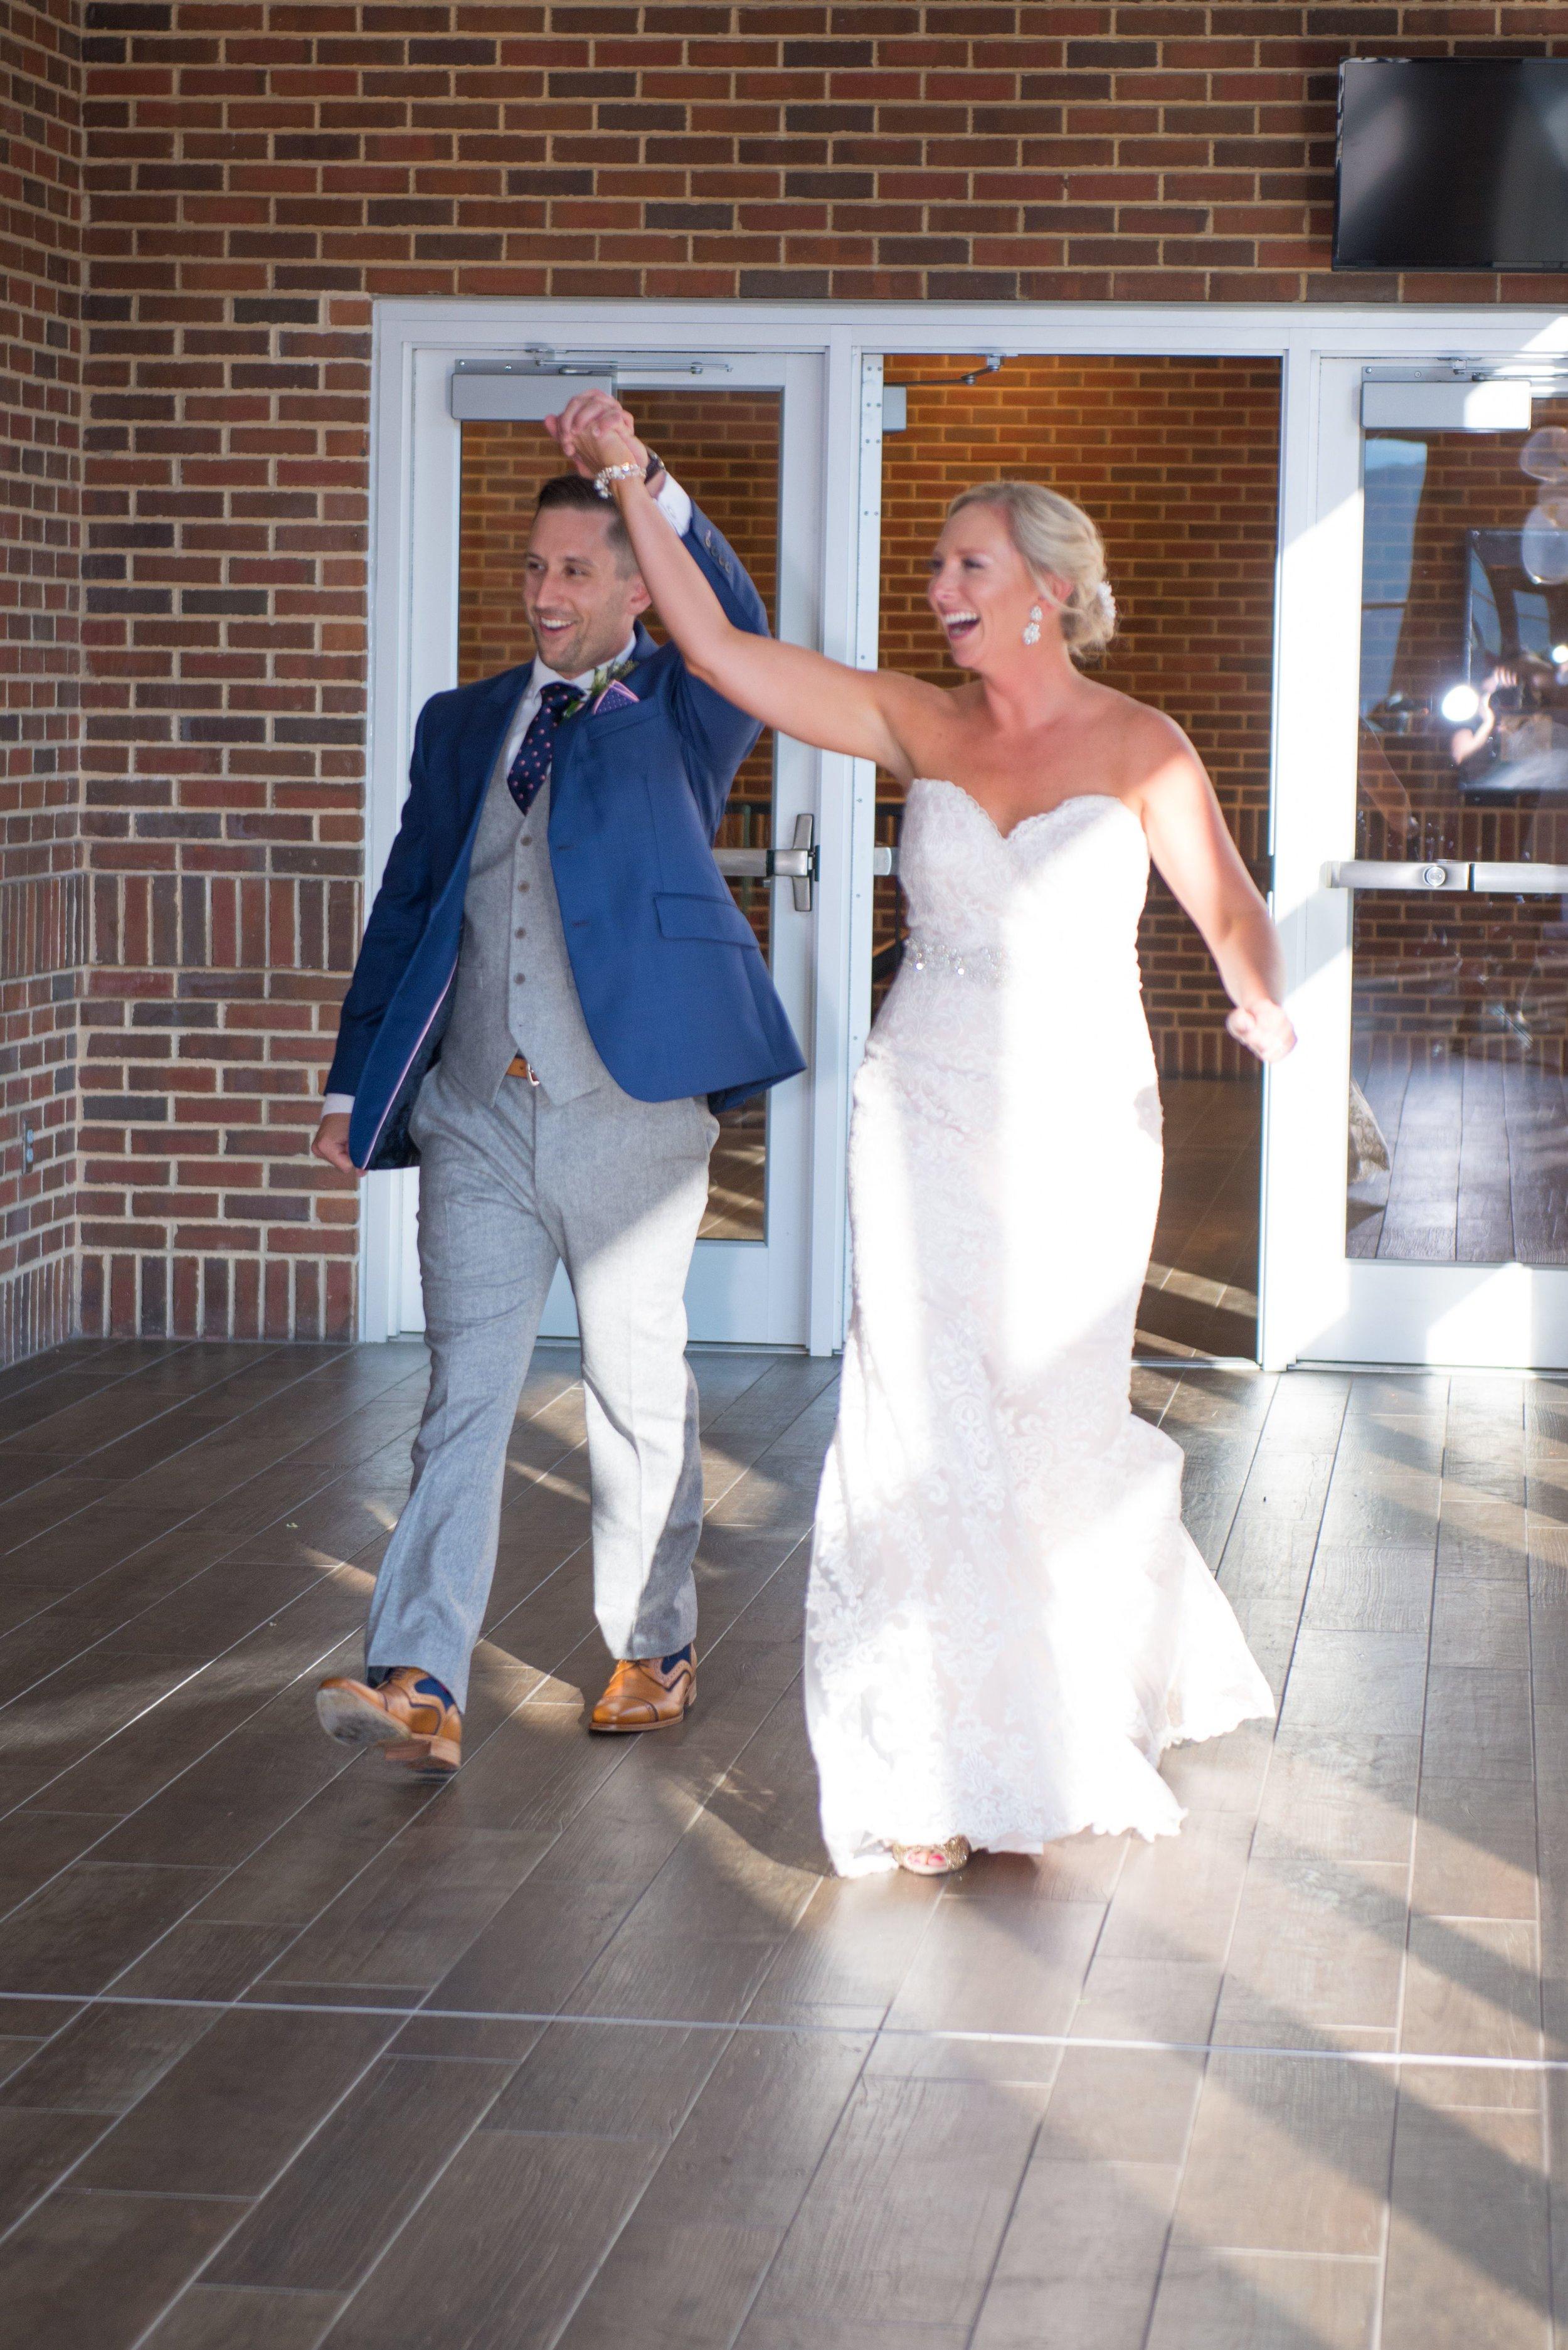 00001_Stover-WeddingSp-100.jpg